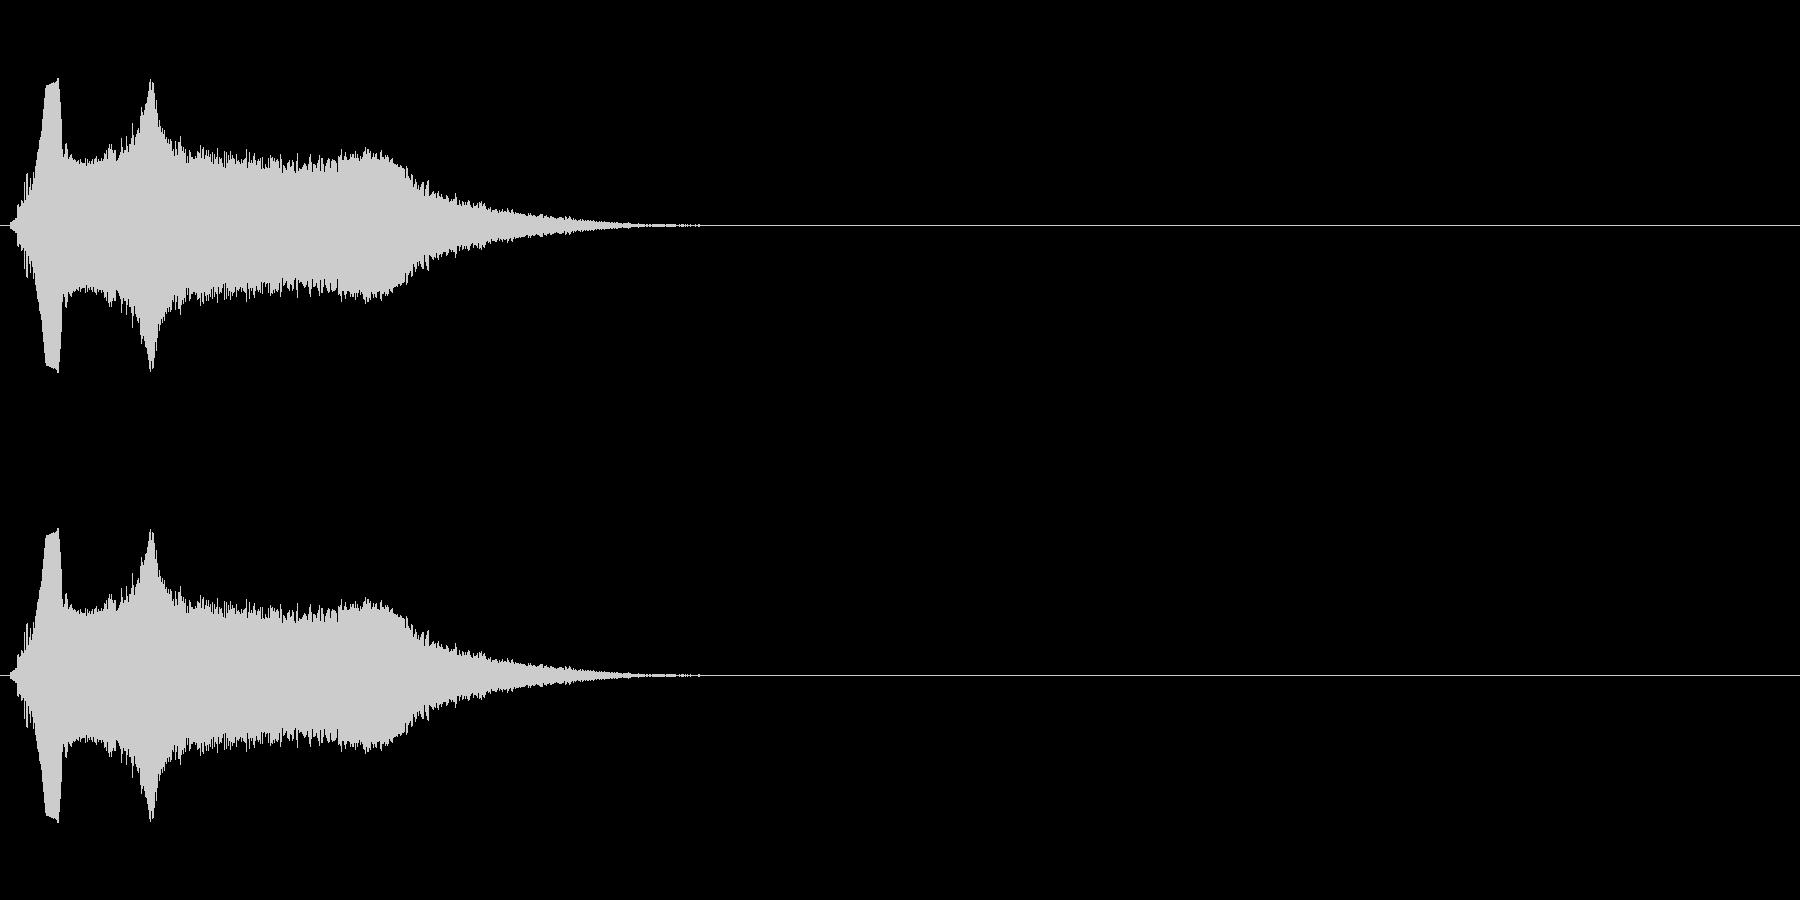 シンプルな飛ばされる音の未再生の波形